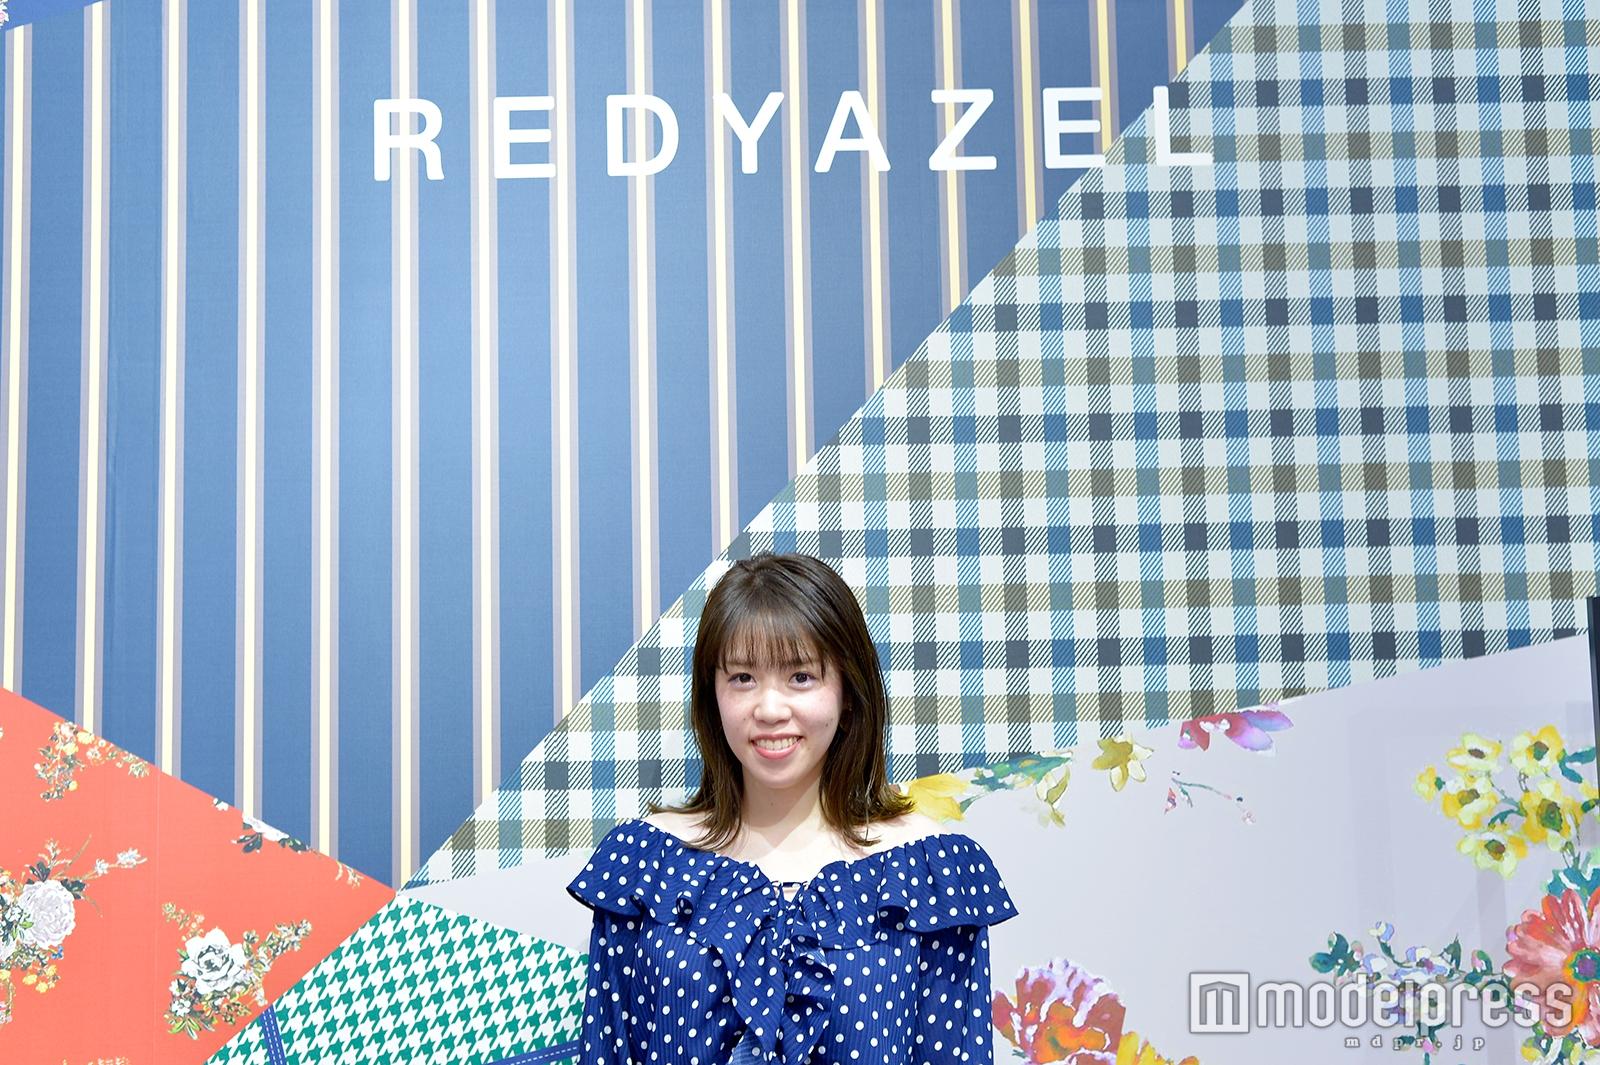 「REDYAZEL」プレスの小沢理紗さん(C)モデルプレス